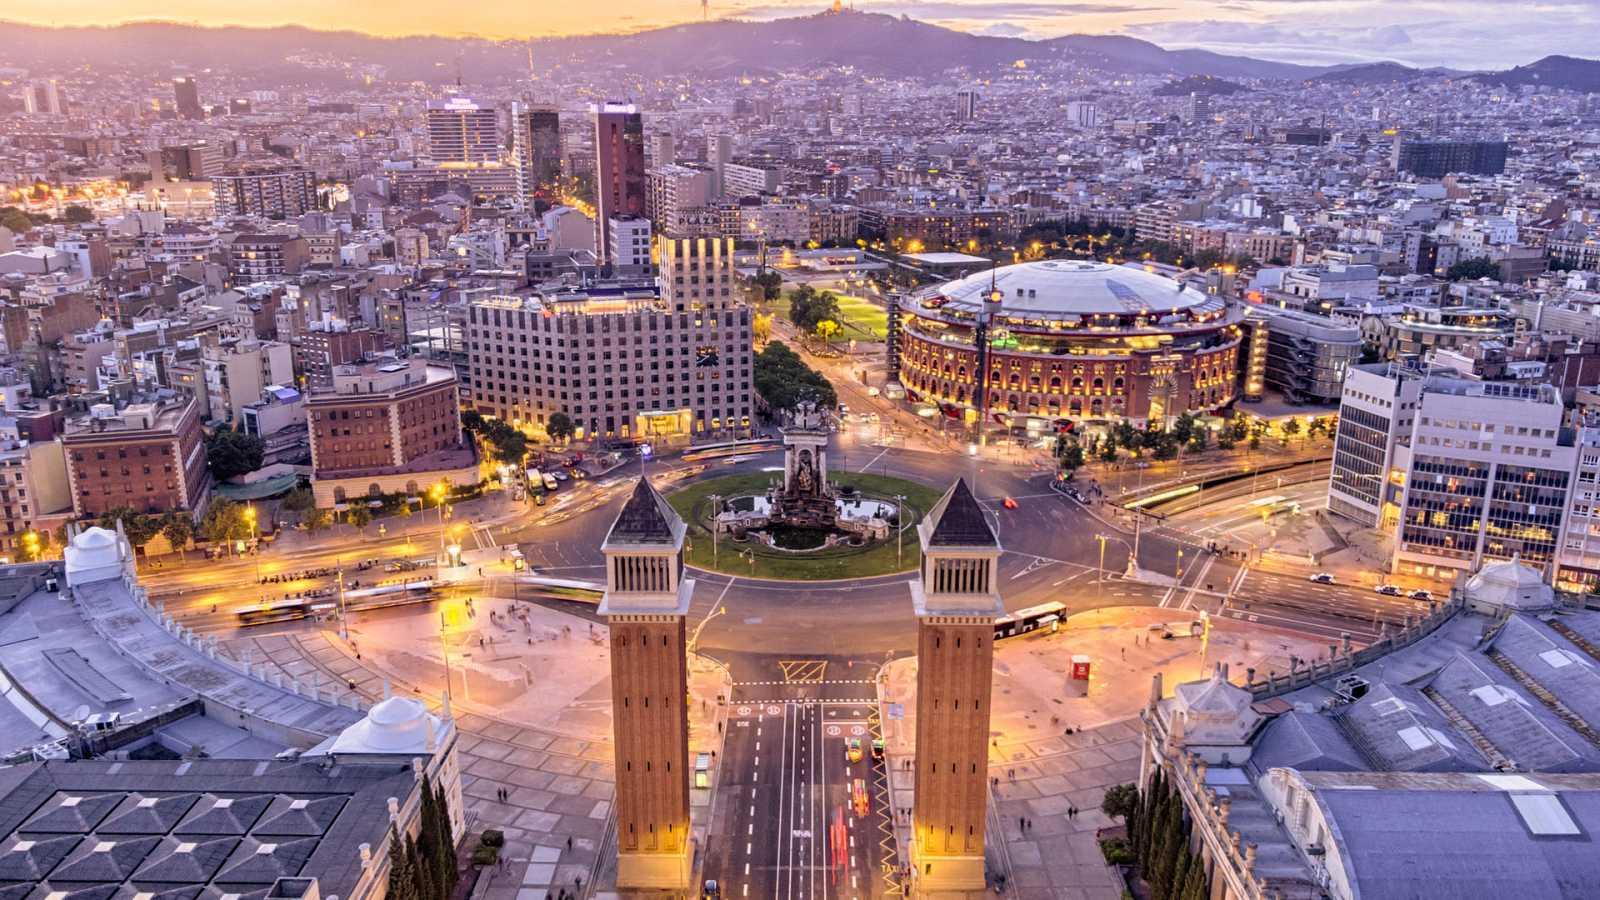 Ciudades para el Siglo XXI - Barcelona, ciudad vertebrada 2